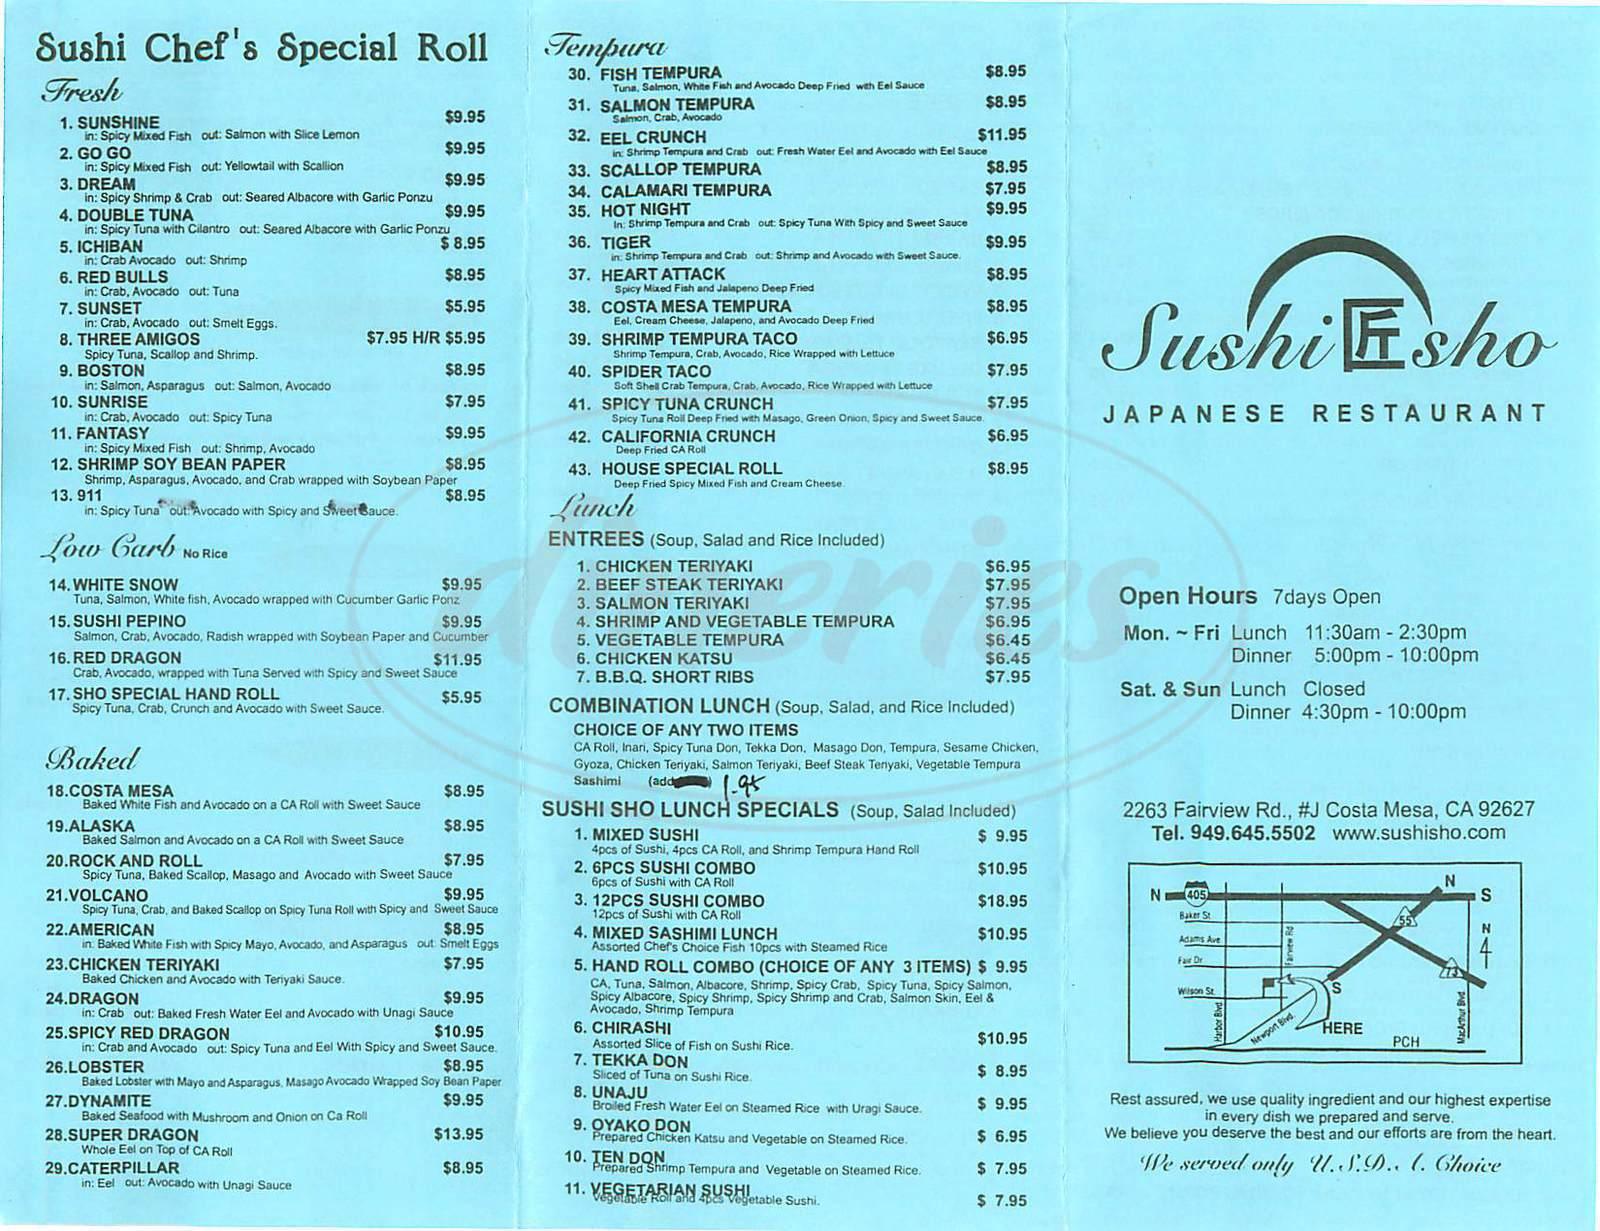 menu for Sushi Sho